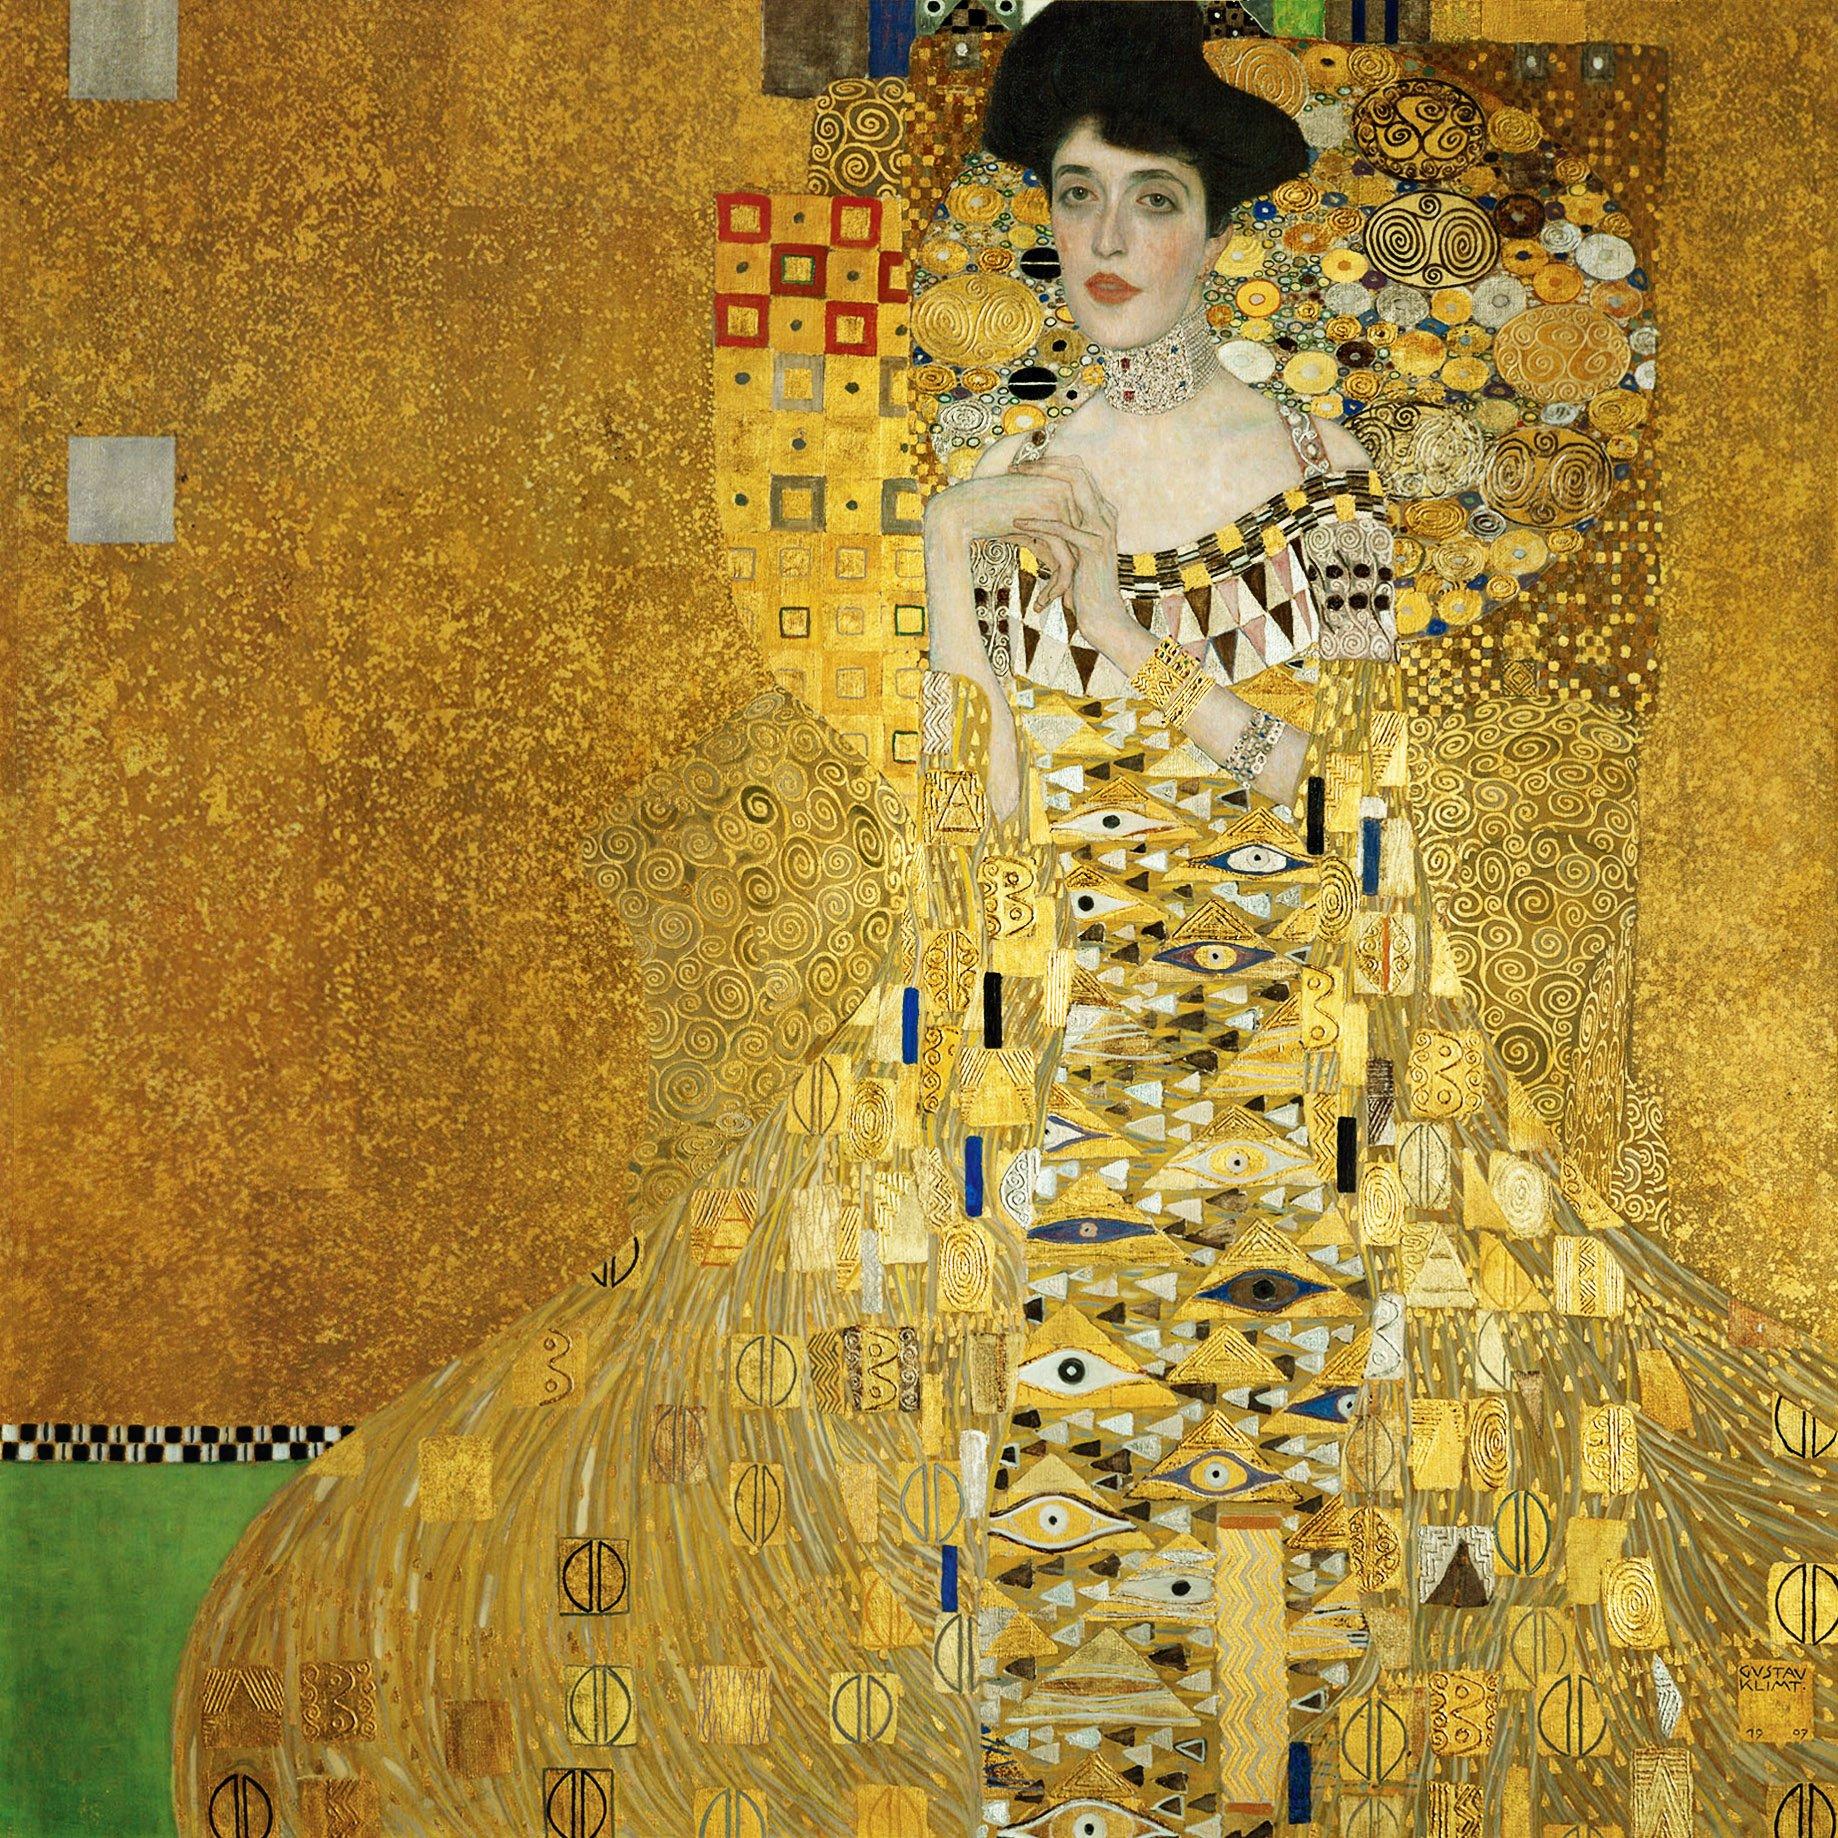 Adele by Gustav Klimt